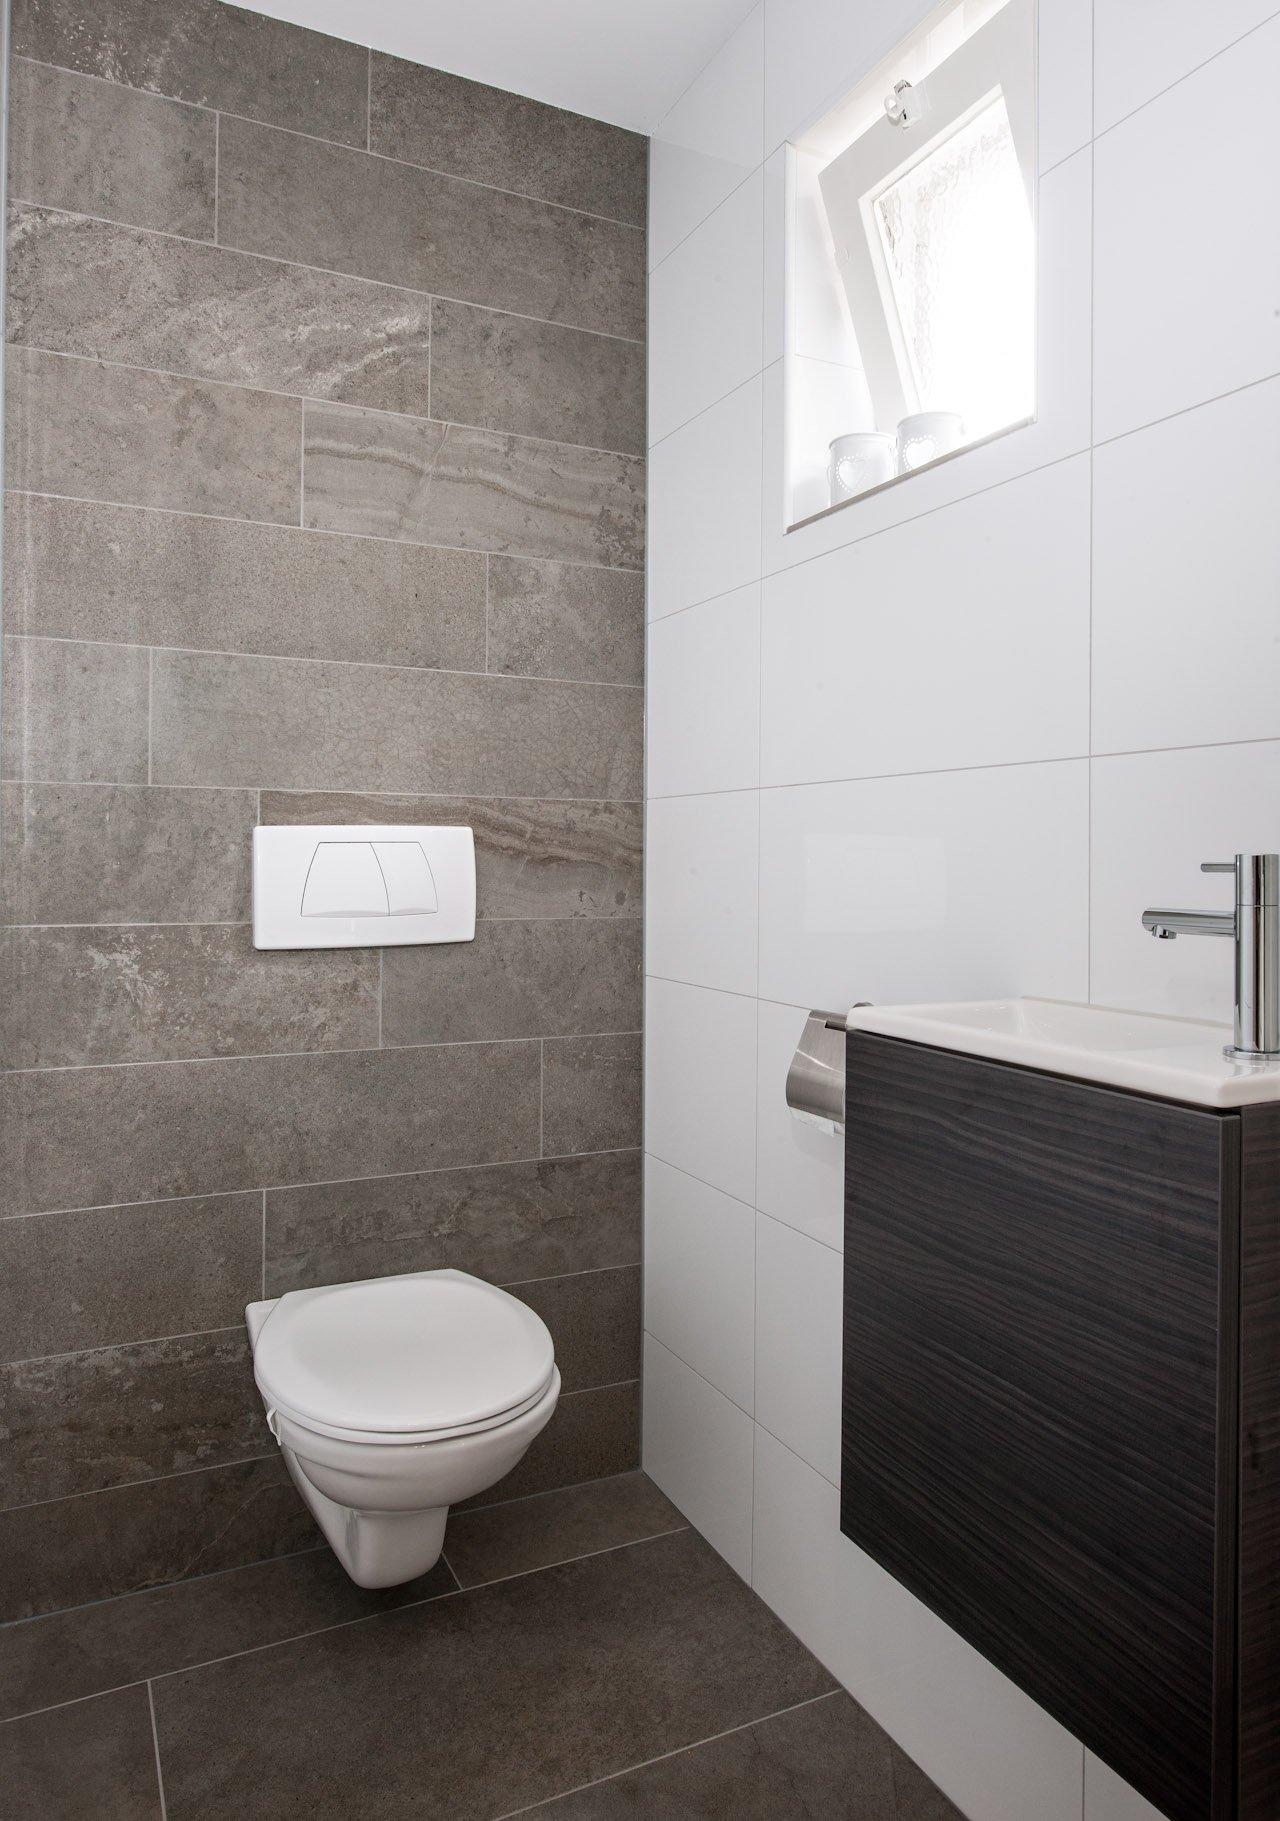 Voegen verwijderen in de badkamer  klusideenl